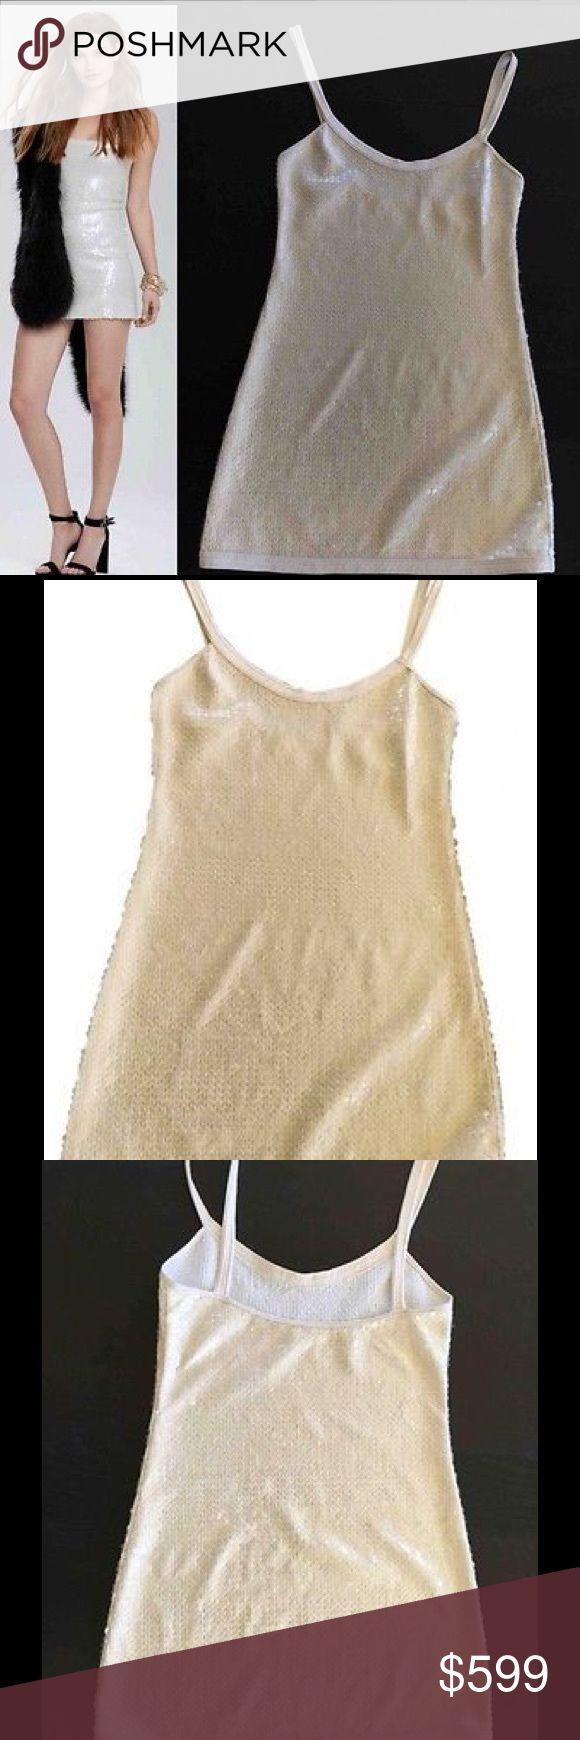 chanel spaghetti strap sequin dress off white sz38 iridescent sequin chanel micro mini spaghetti strap dress